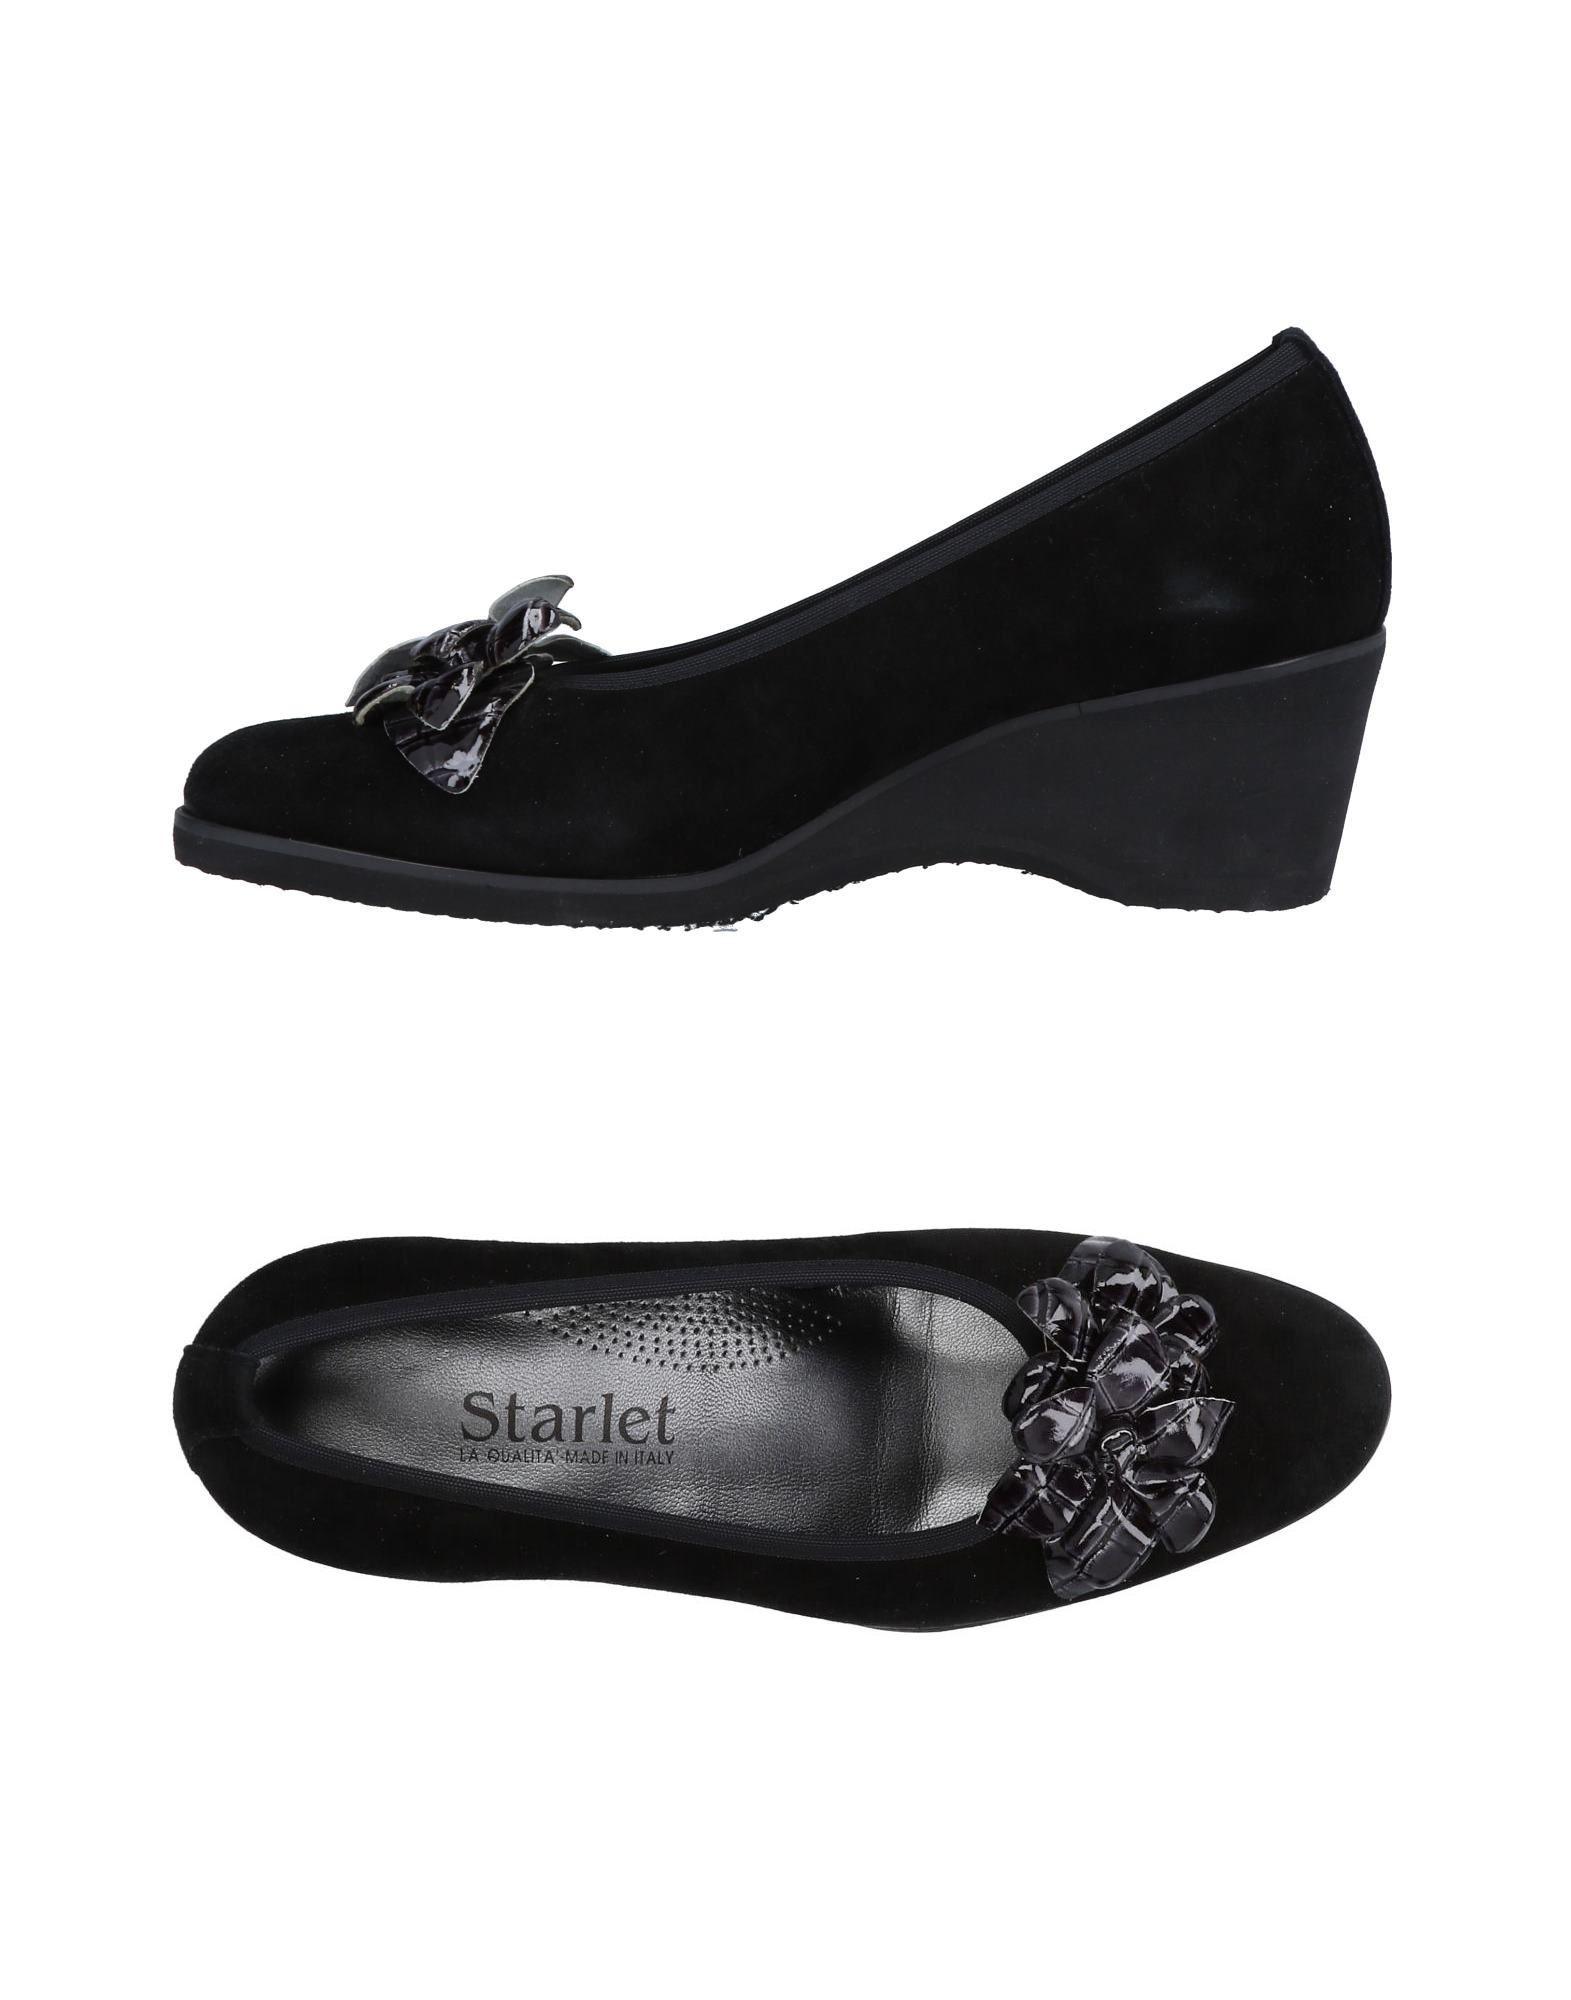 Décolleté Starlet Donna - 11494349XO Scarpe economiche e buone